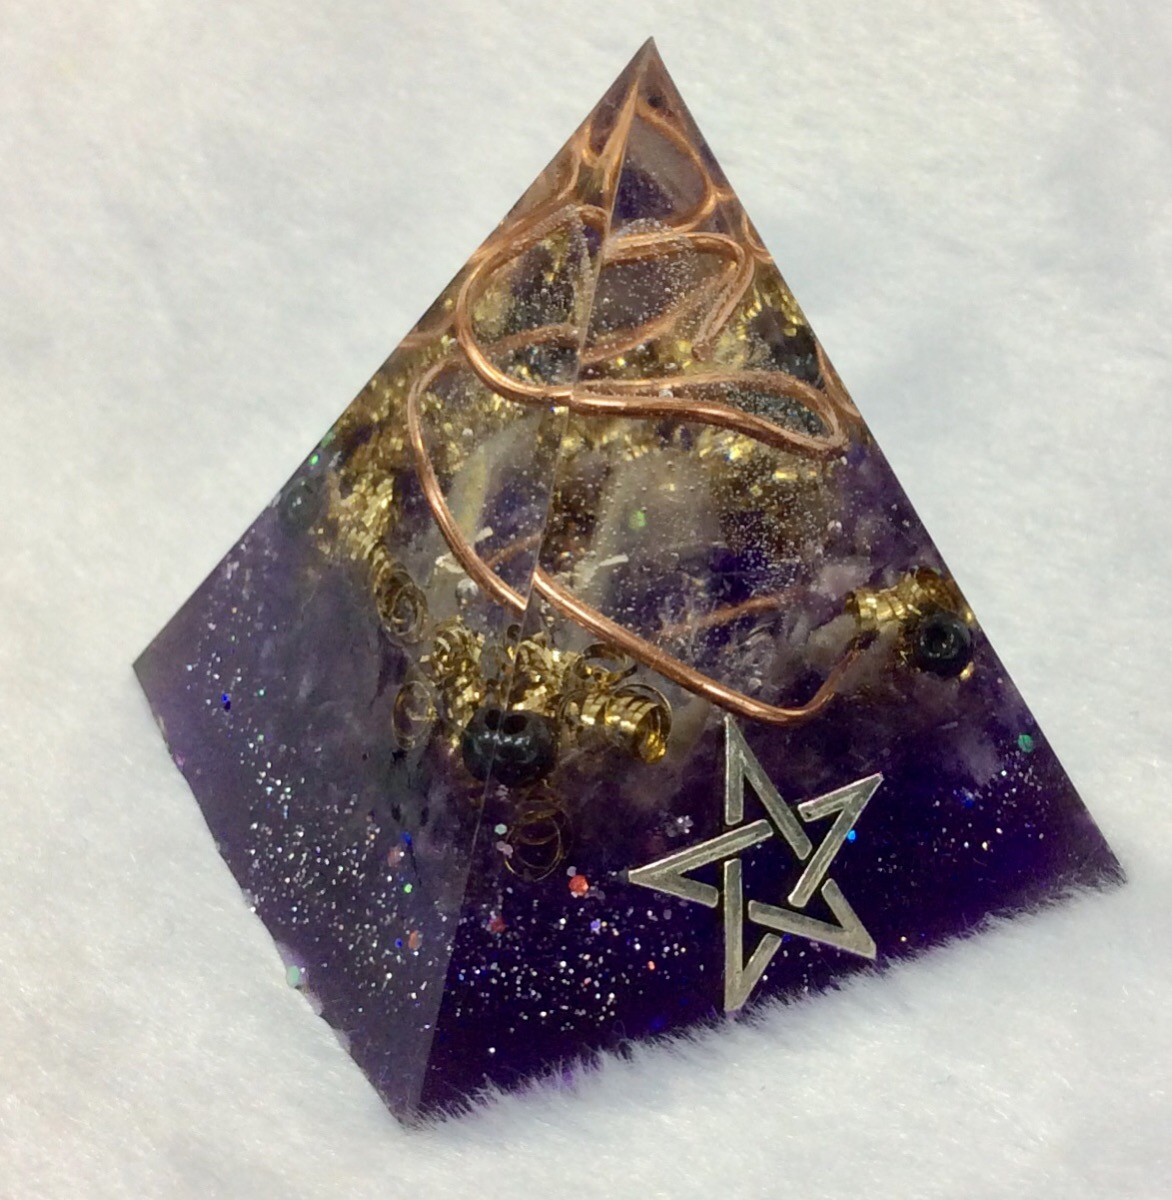 オルゴナイト (2月・アメジスト)